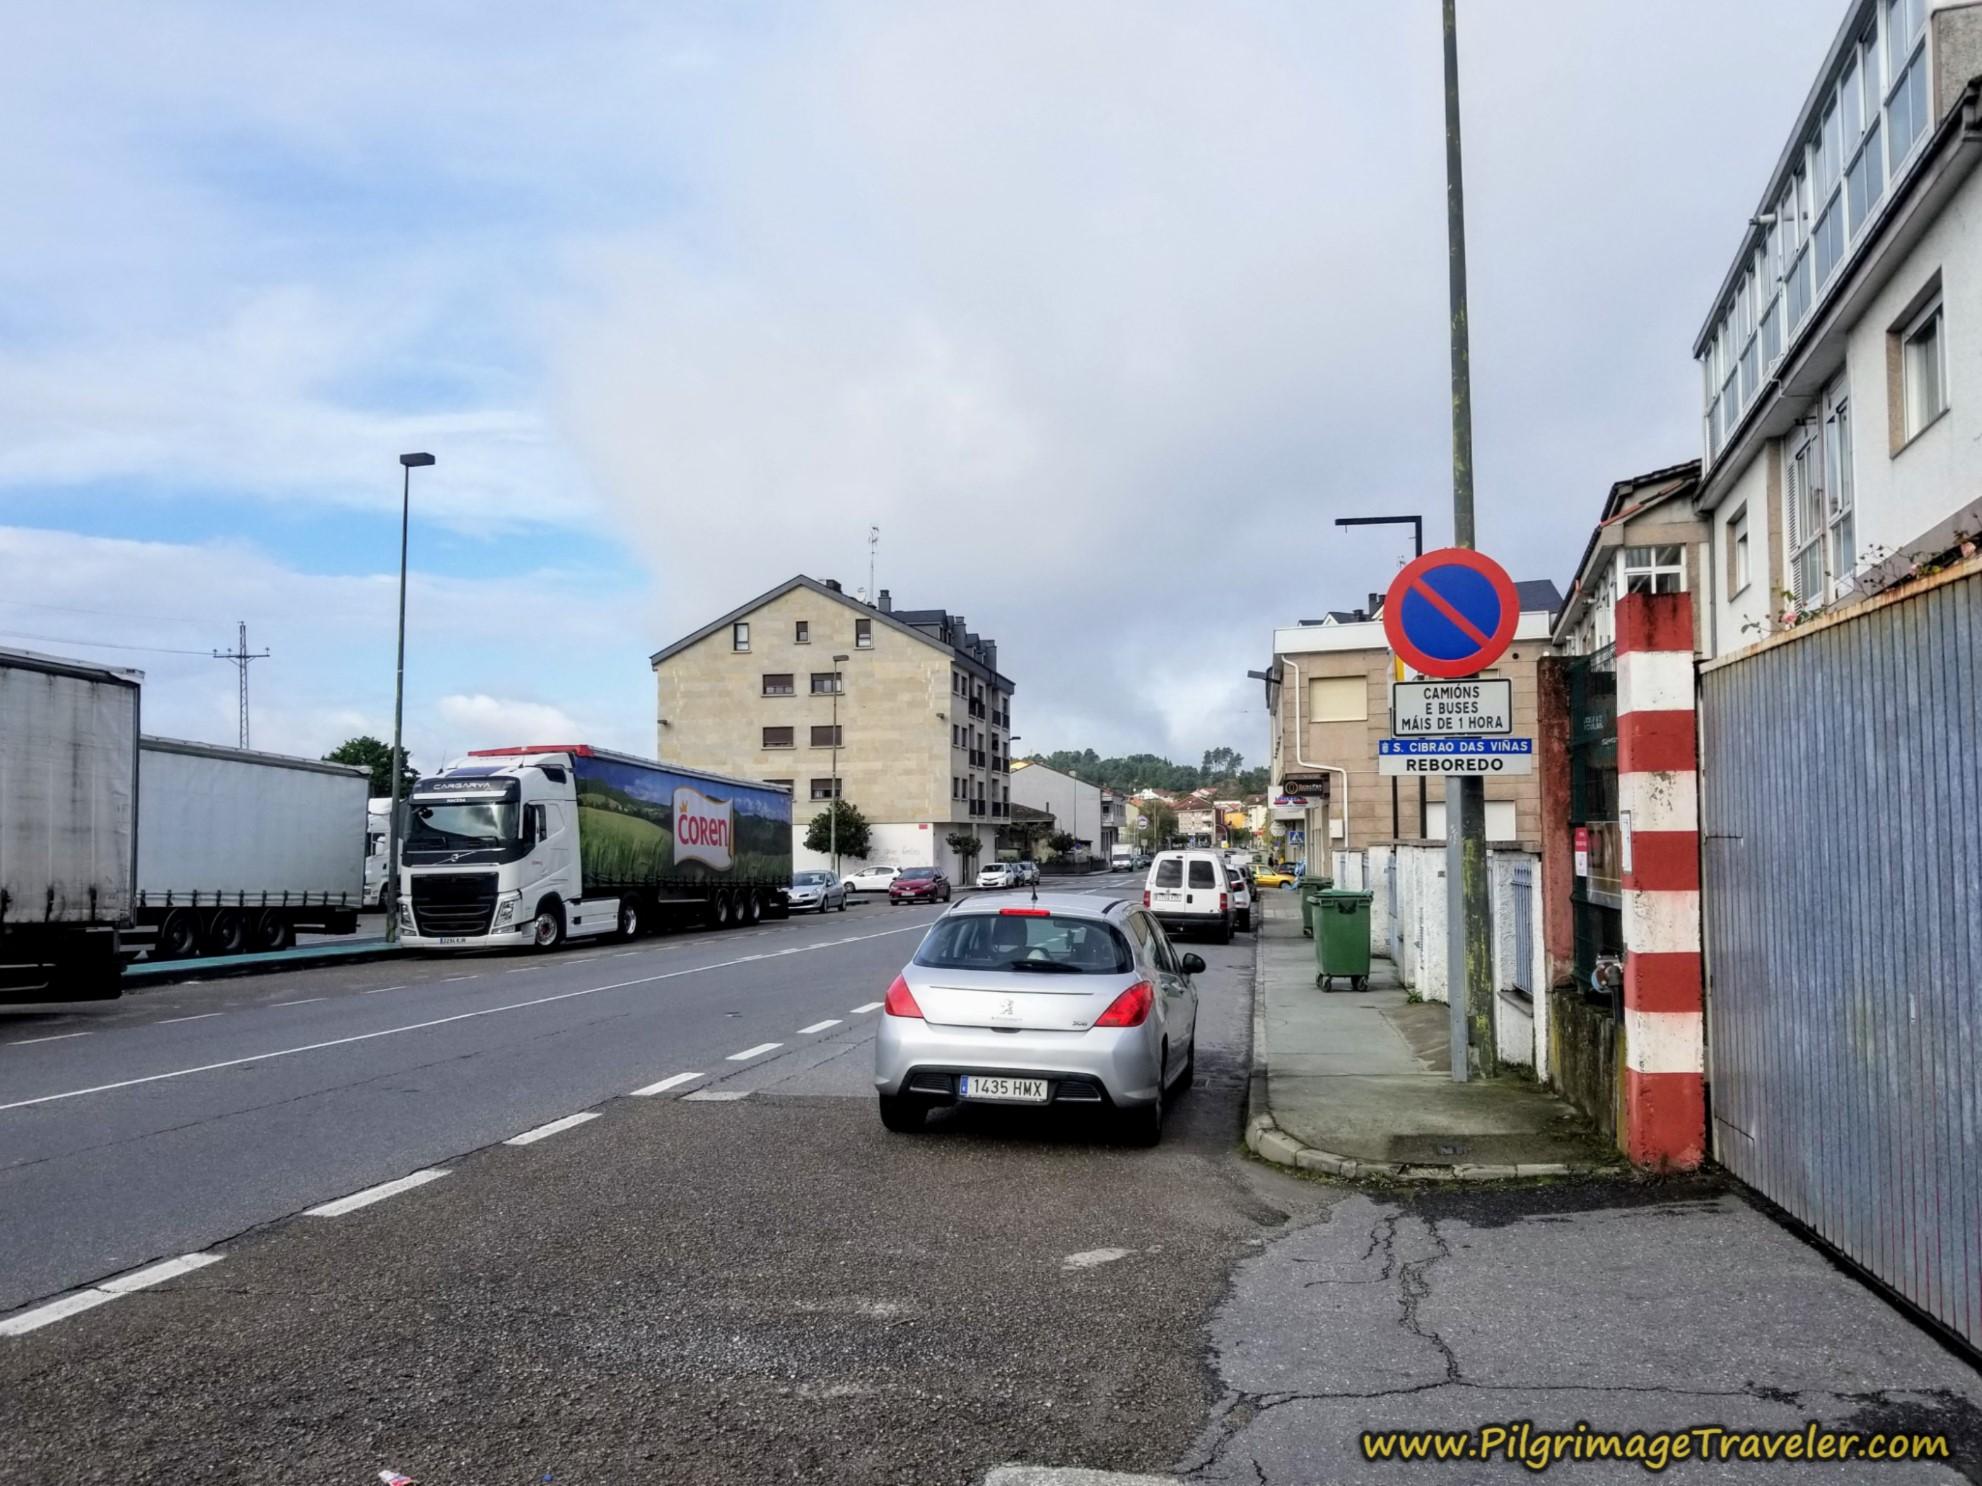 Entering Reboredo, Camino Sanabrés, Xunqueira de Ambía to Ourense